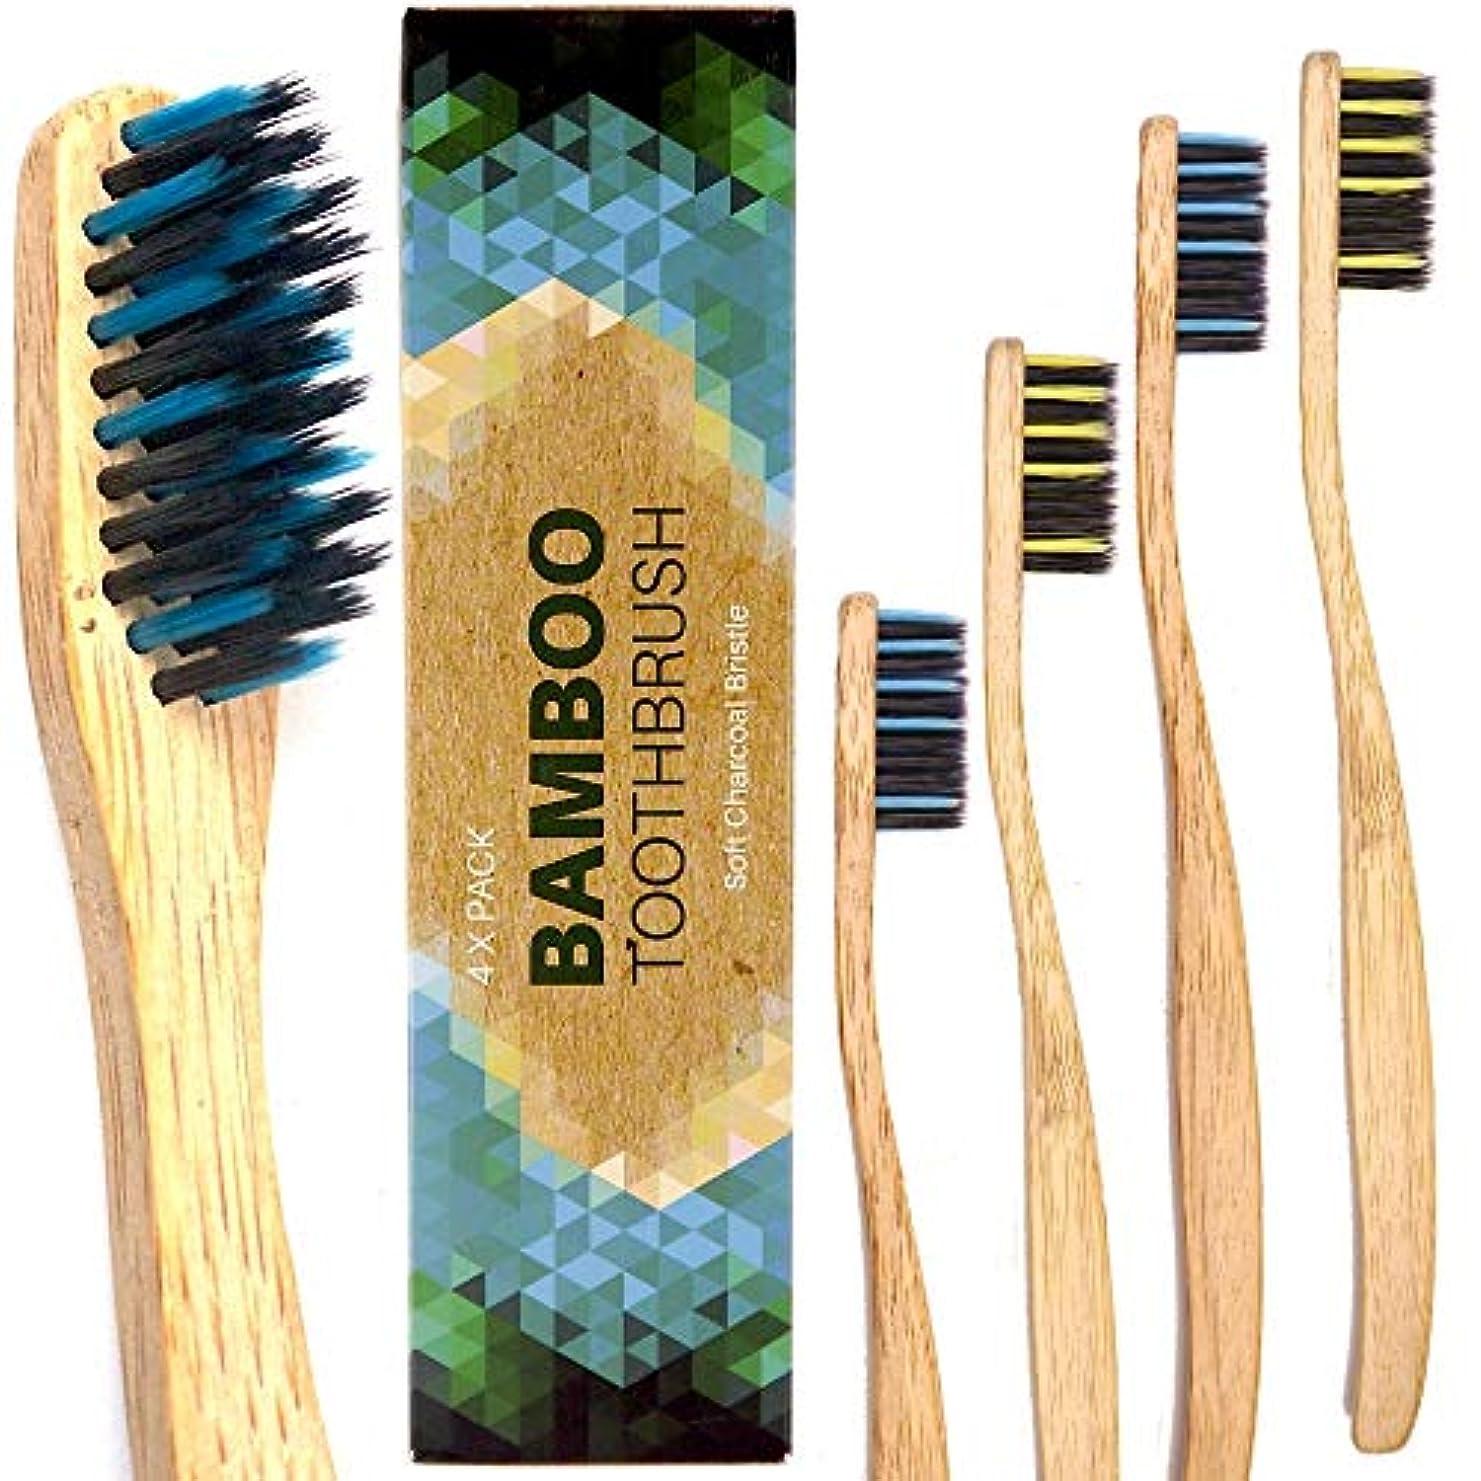 珍しい不良嫉妬竹製歯ブラシ。チャコールブリストル大人 - ミディアム及びソフト、生分解性、ビーガン、バイオ、エコ、持続可能な木製ハンドル4本パック4 Bamboo Toothbrushes, ホワイトニング 歯, ドイツの品質, 竹歯ブラシ